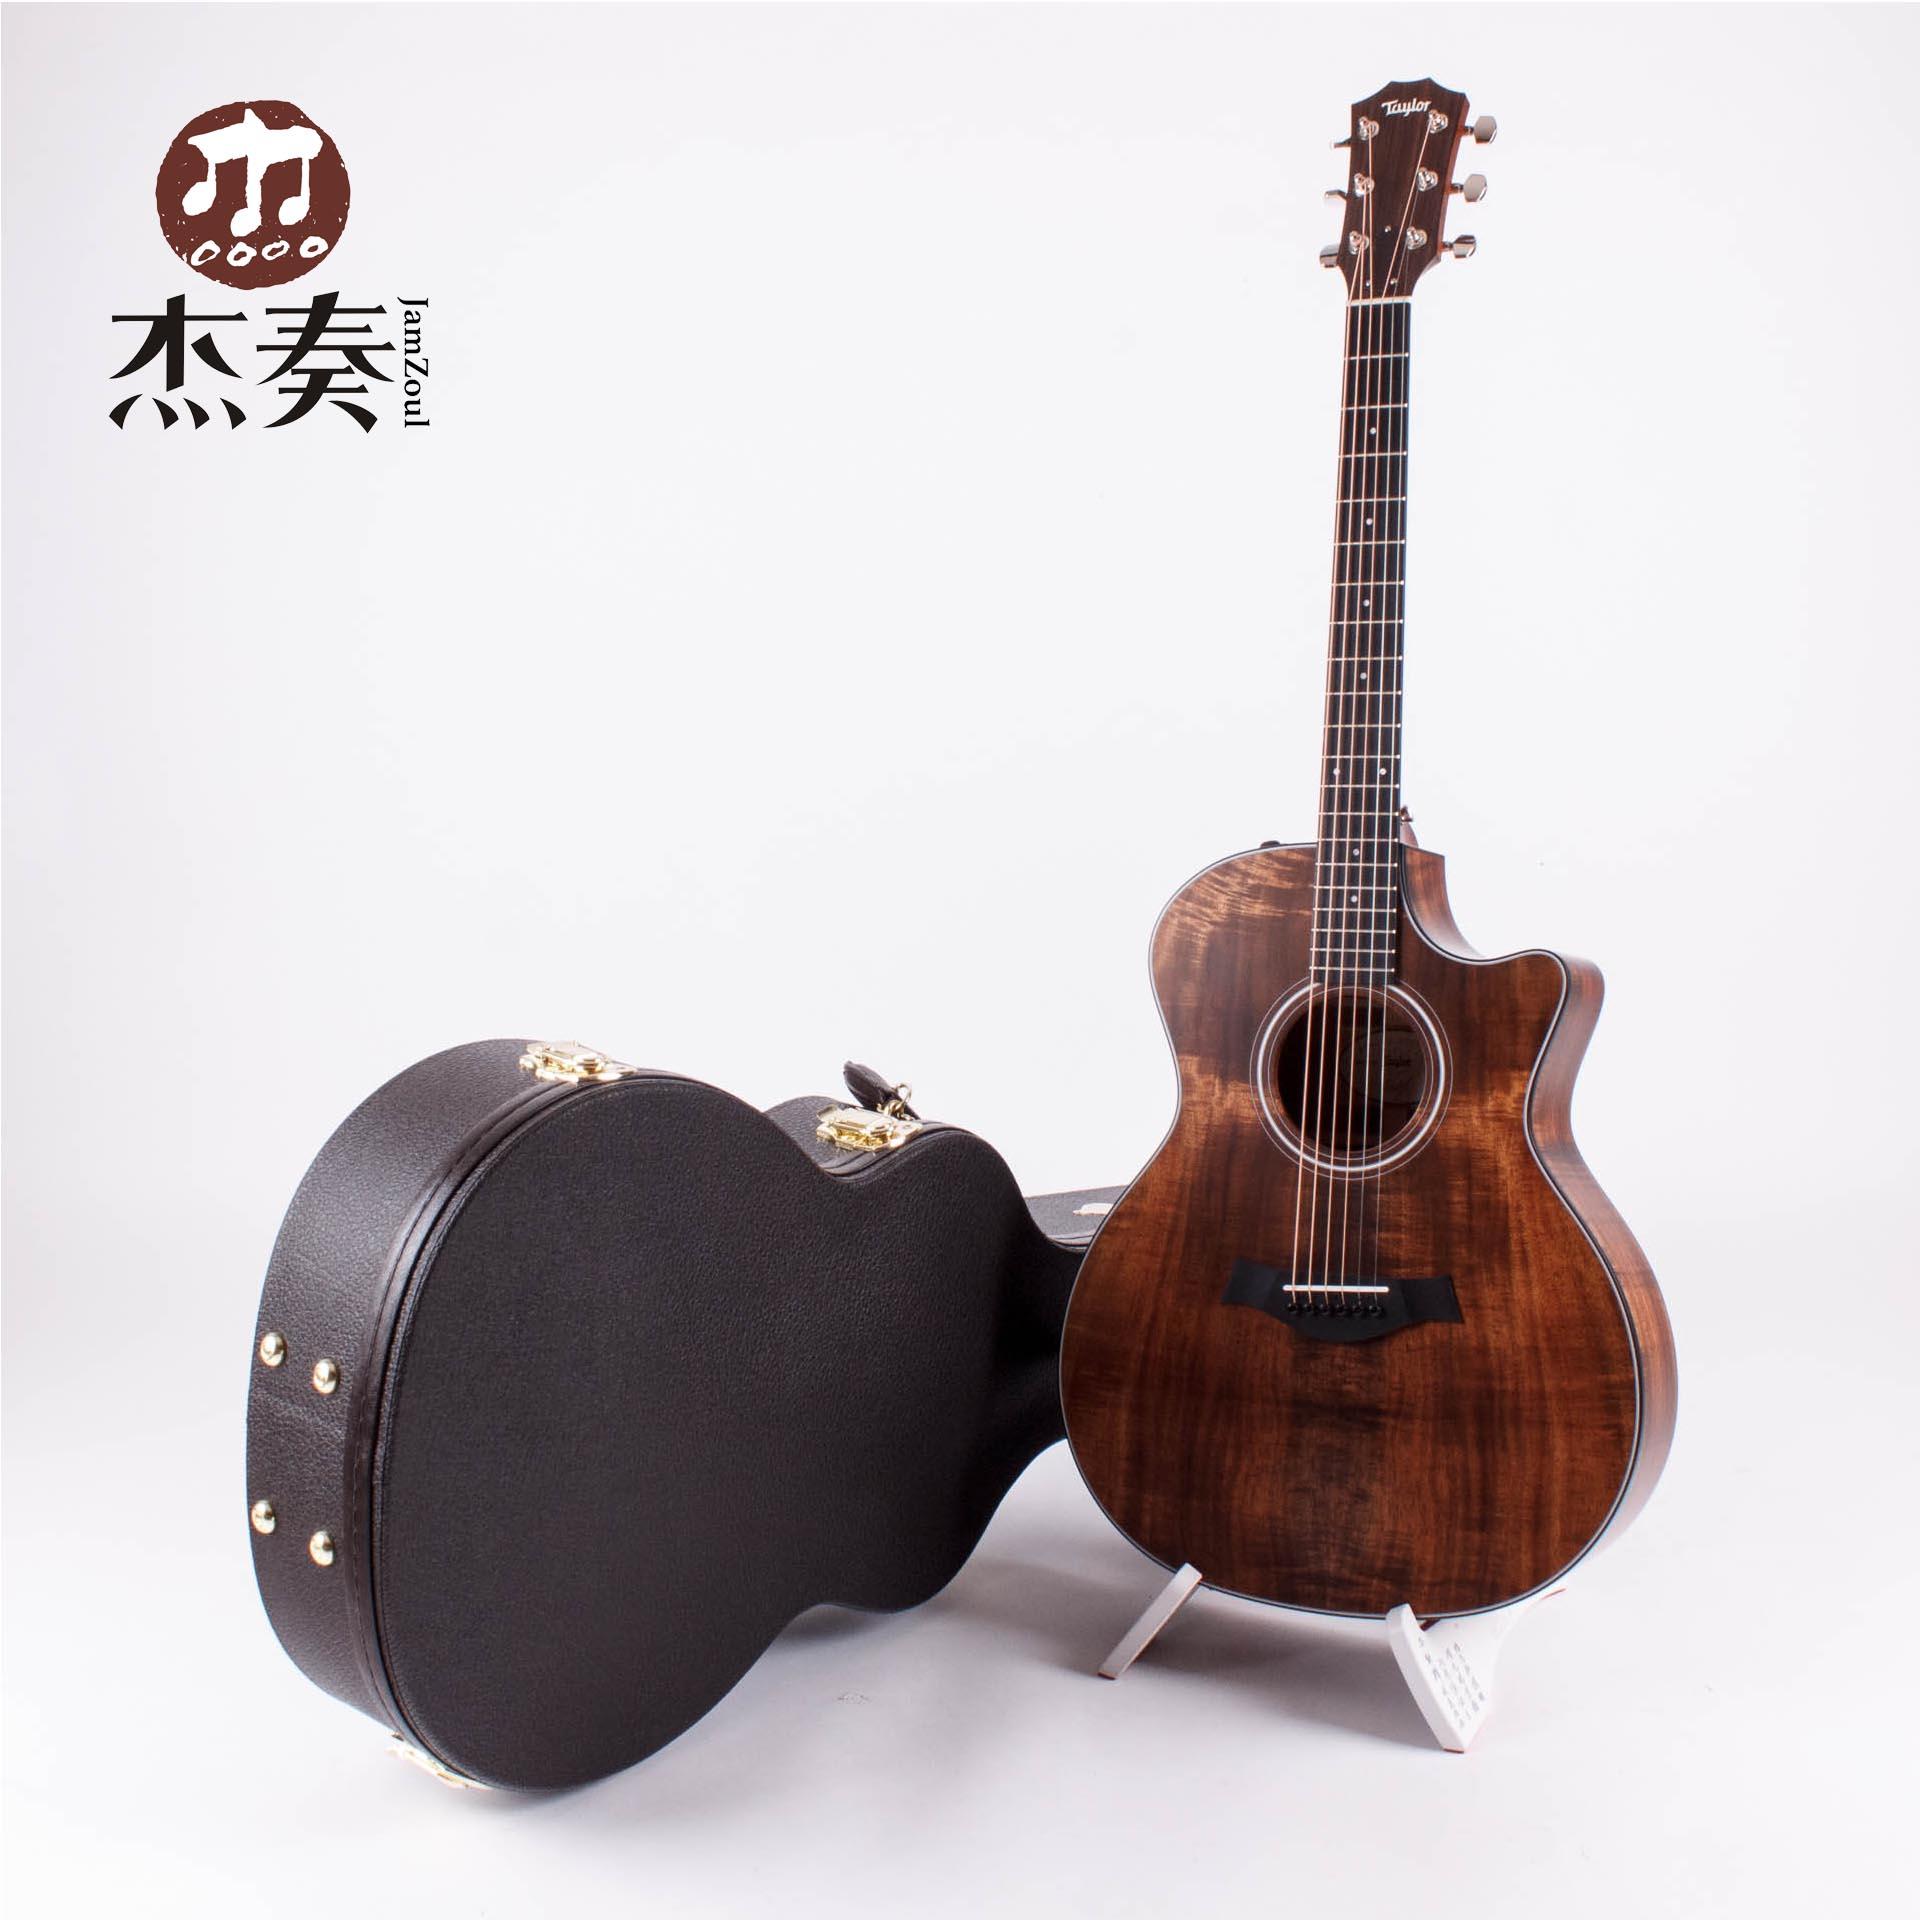 视频[泰勒正品吉他]泰勒民谣中国官网v视频泰勒青蛙网吉他图片